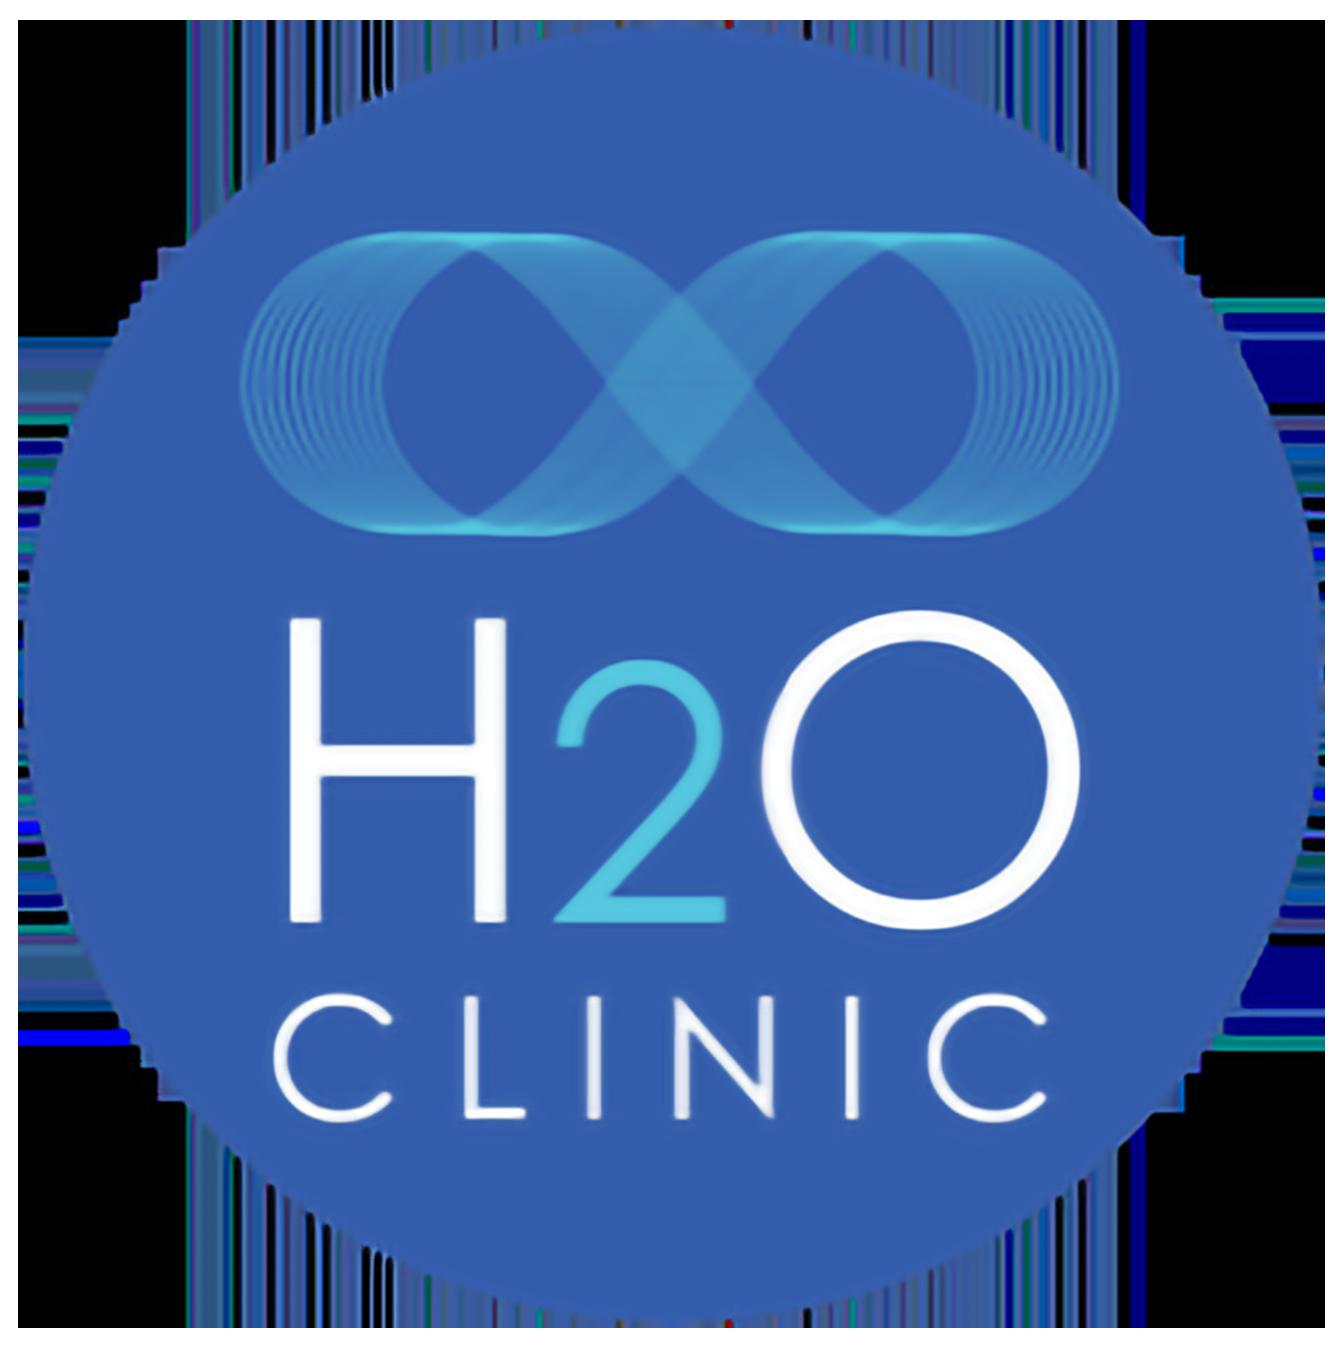 H2OCLINIC